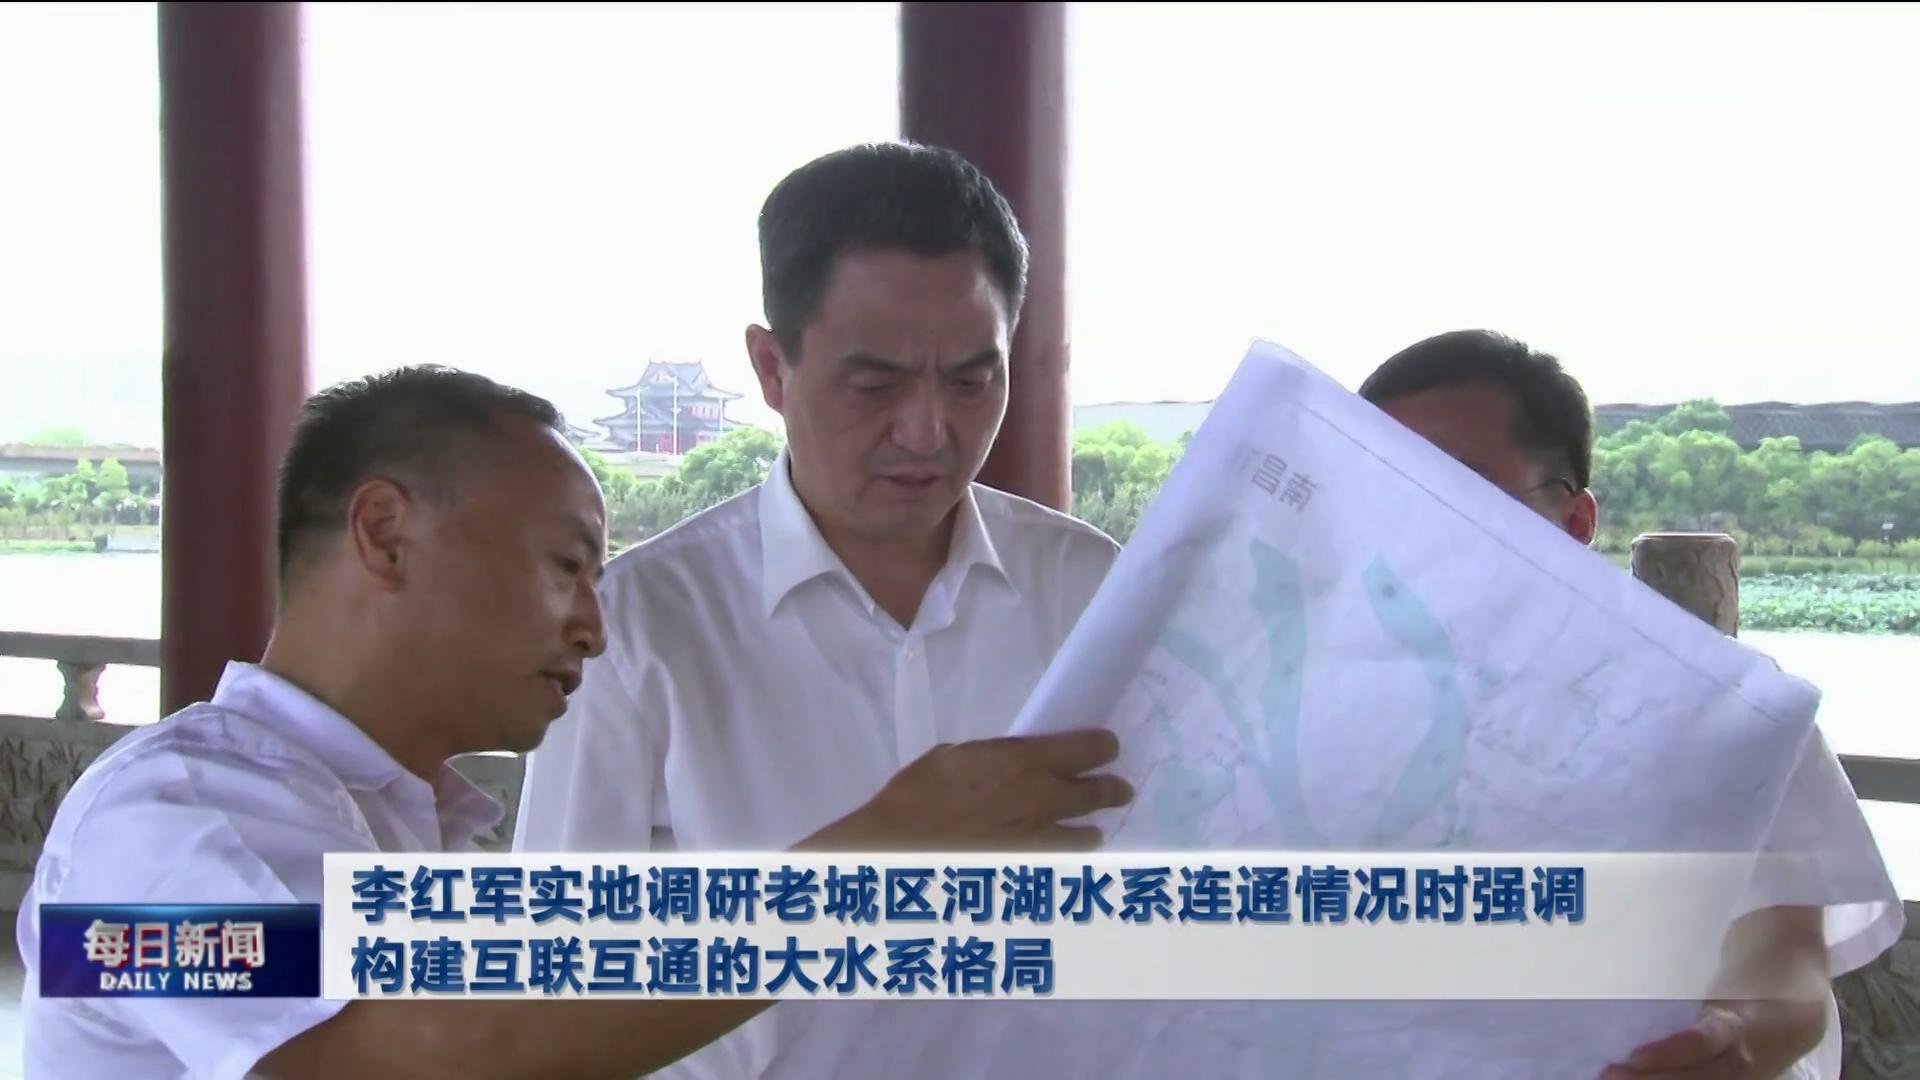 李红军实地调研老城区河湖水系连通情况时强调 构建互联互通的大水系格局